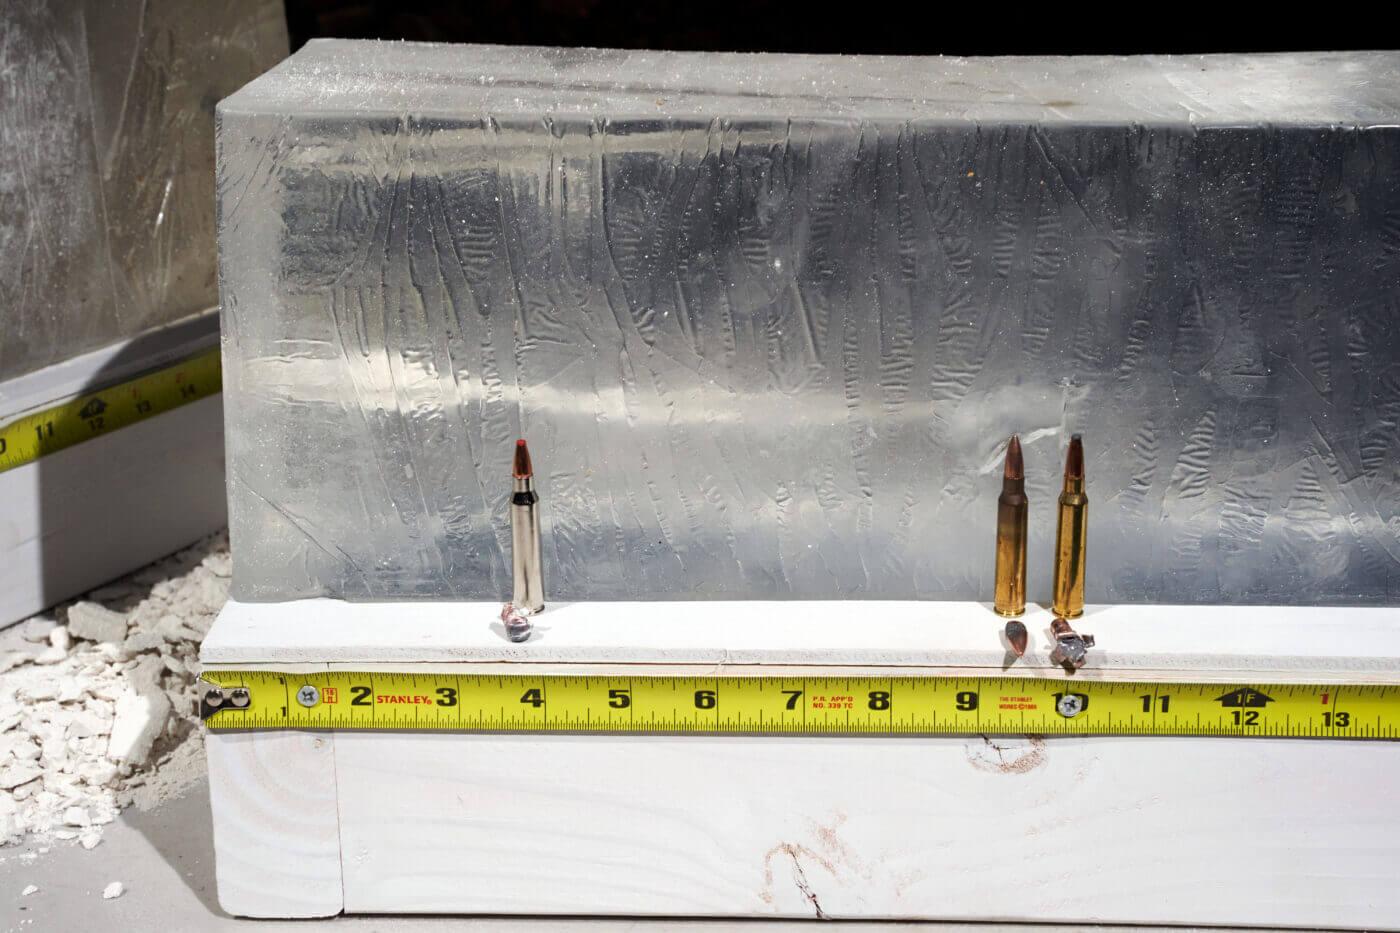 Testing Hornady ammo in gel